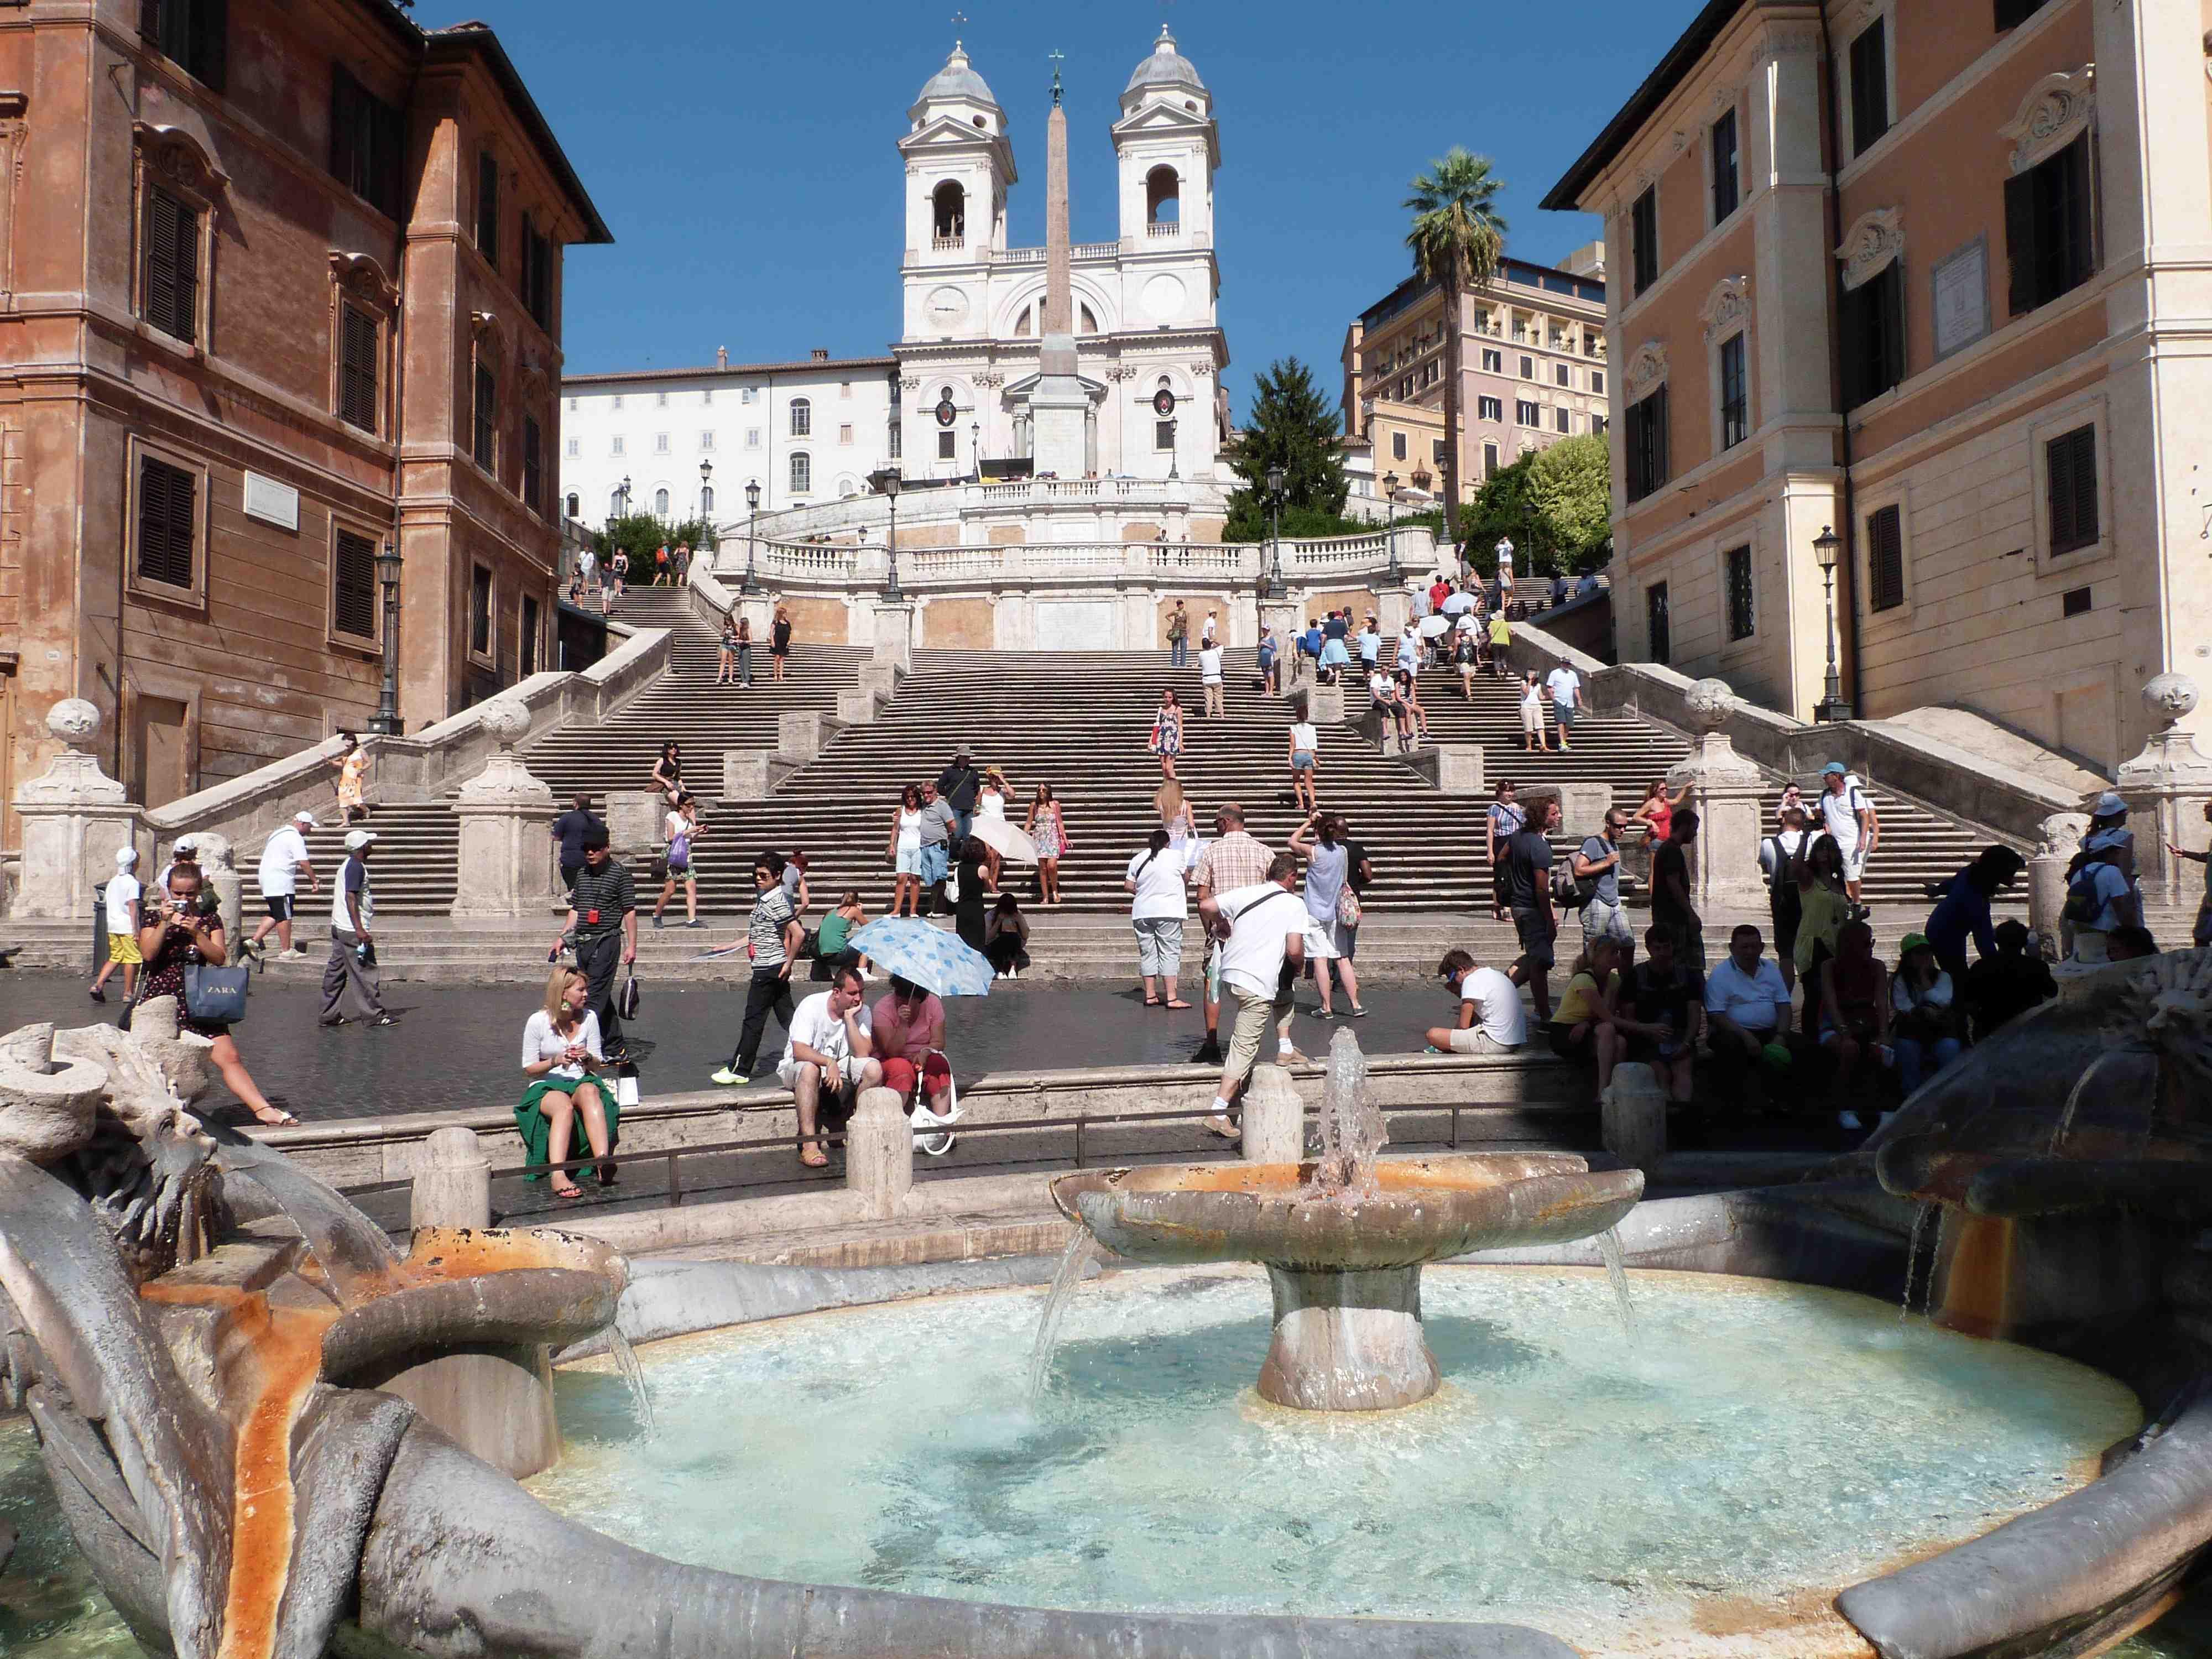 Piazza di Spagna - Rome